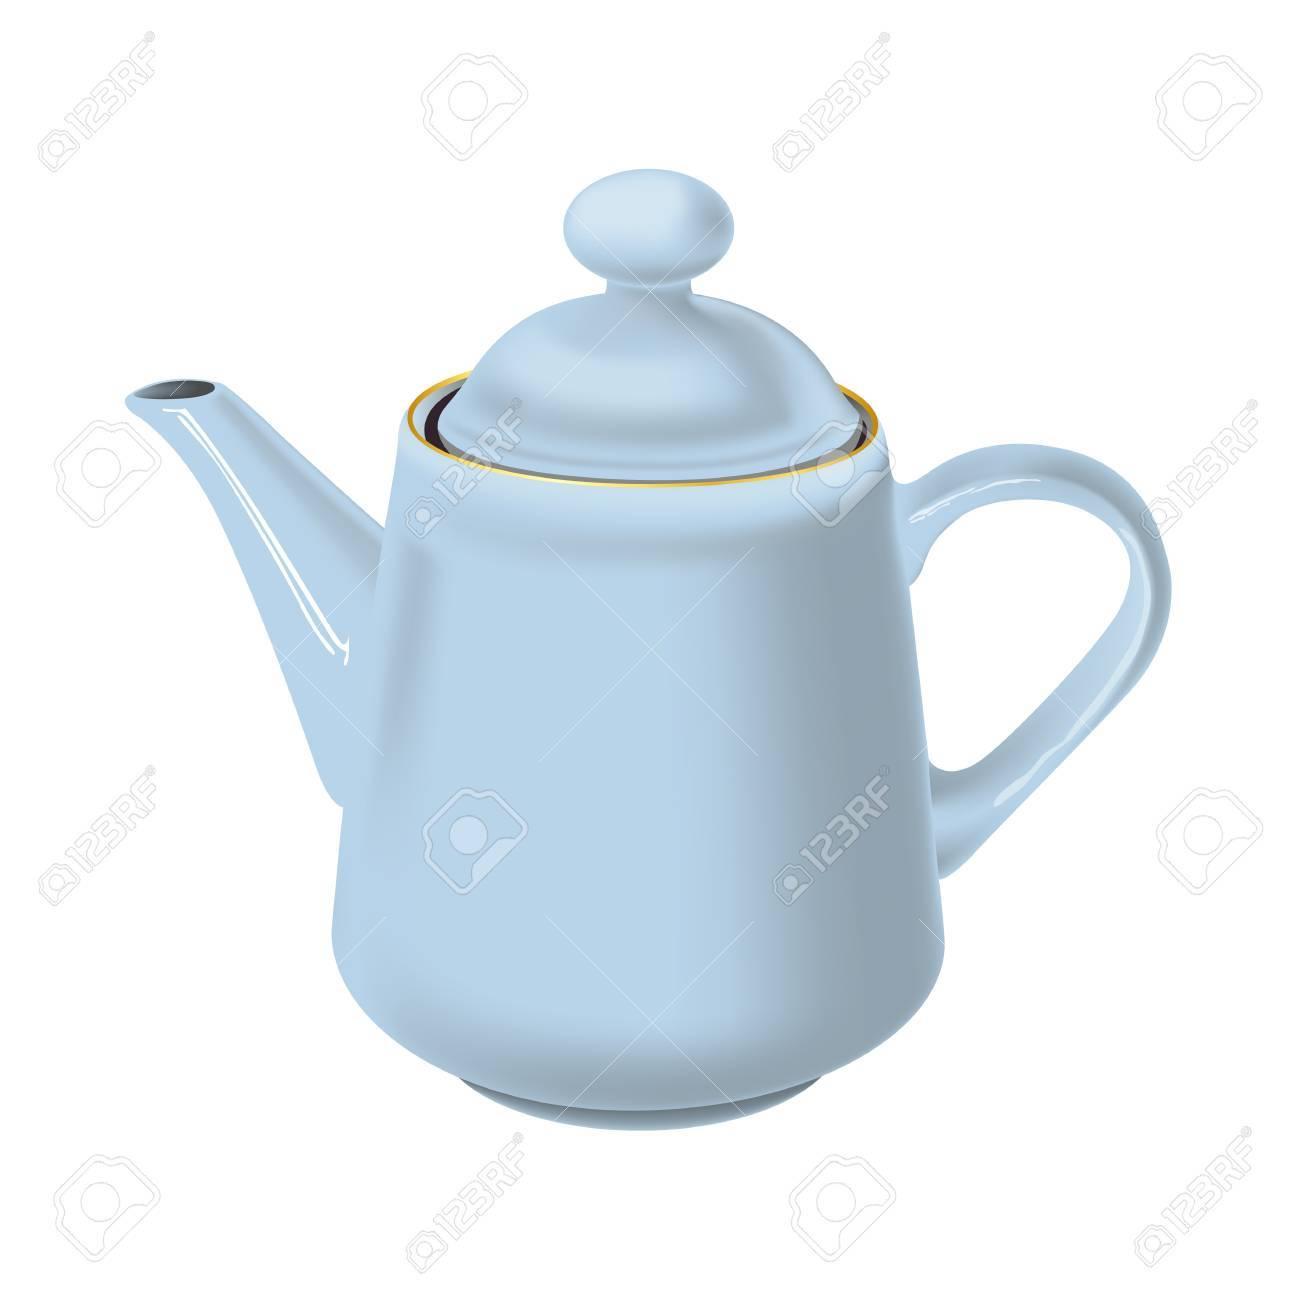 White teapot Stock Vector - 17105632